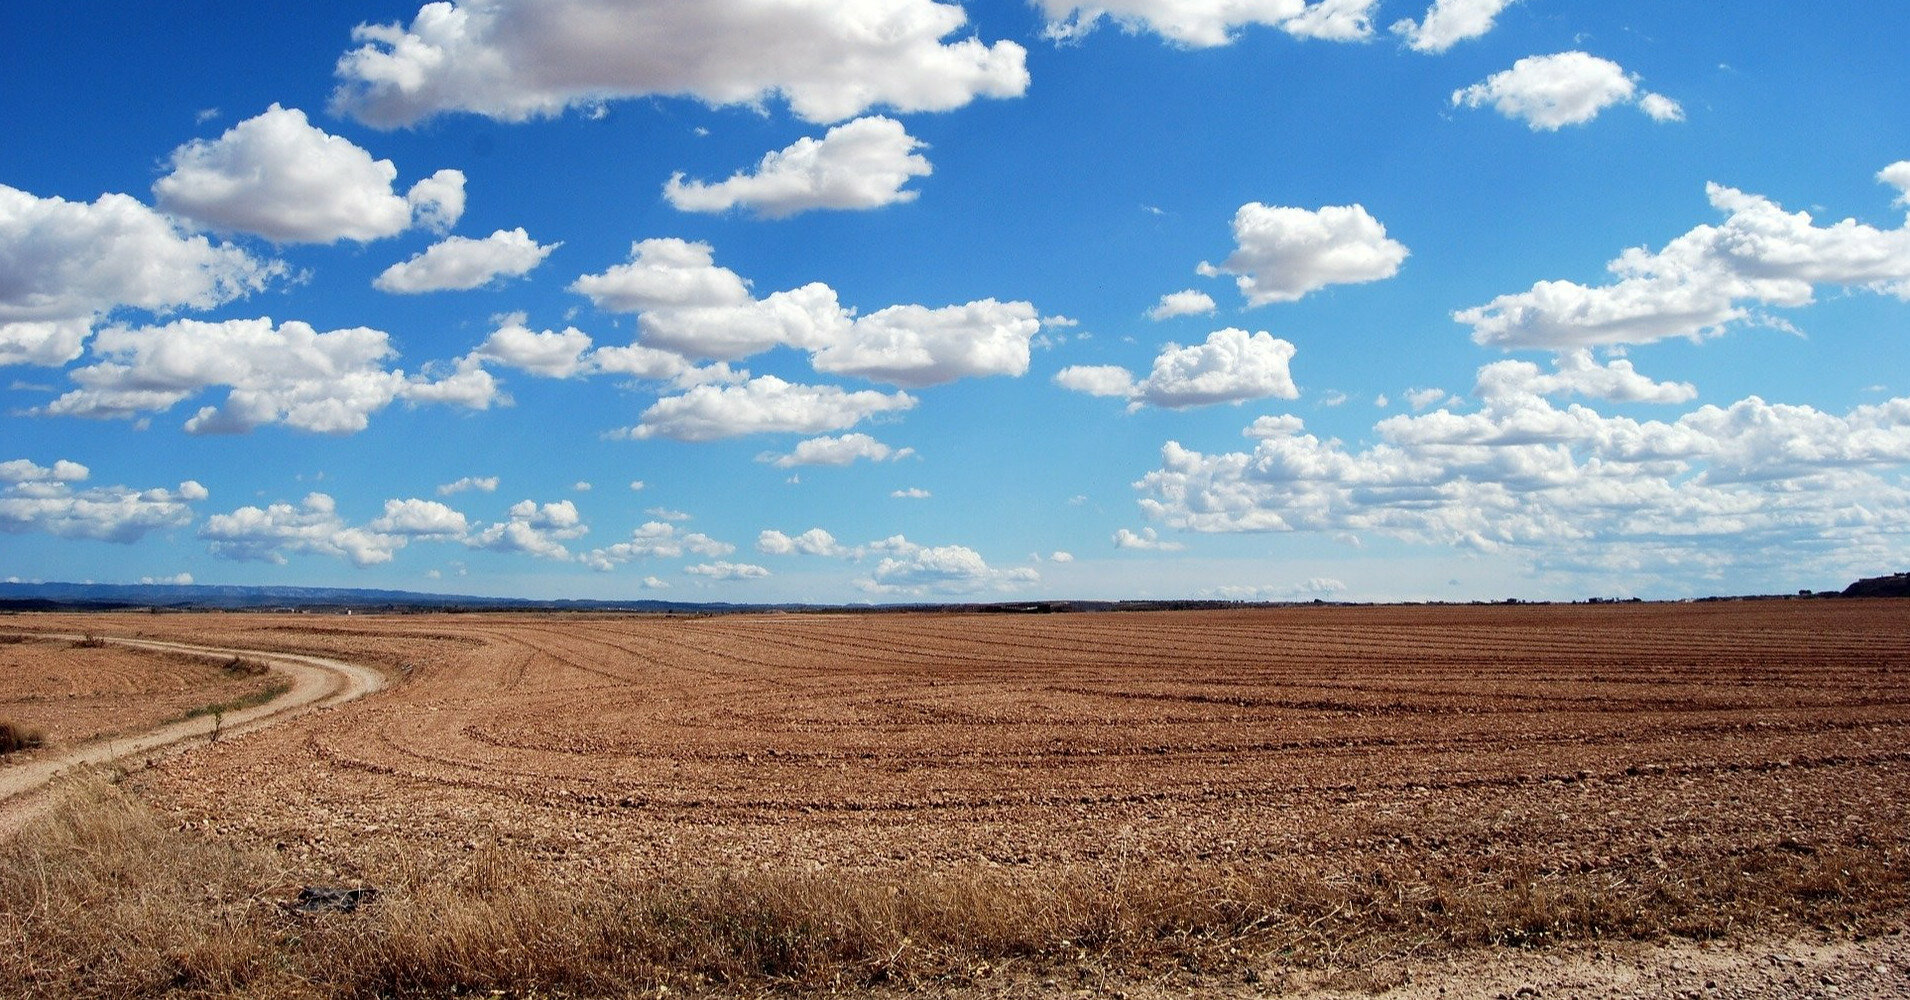 Подготовка к продаже земли: инструкция для землевладельцев